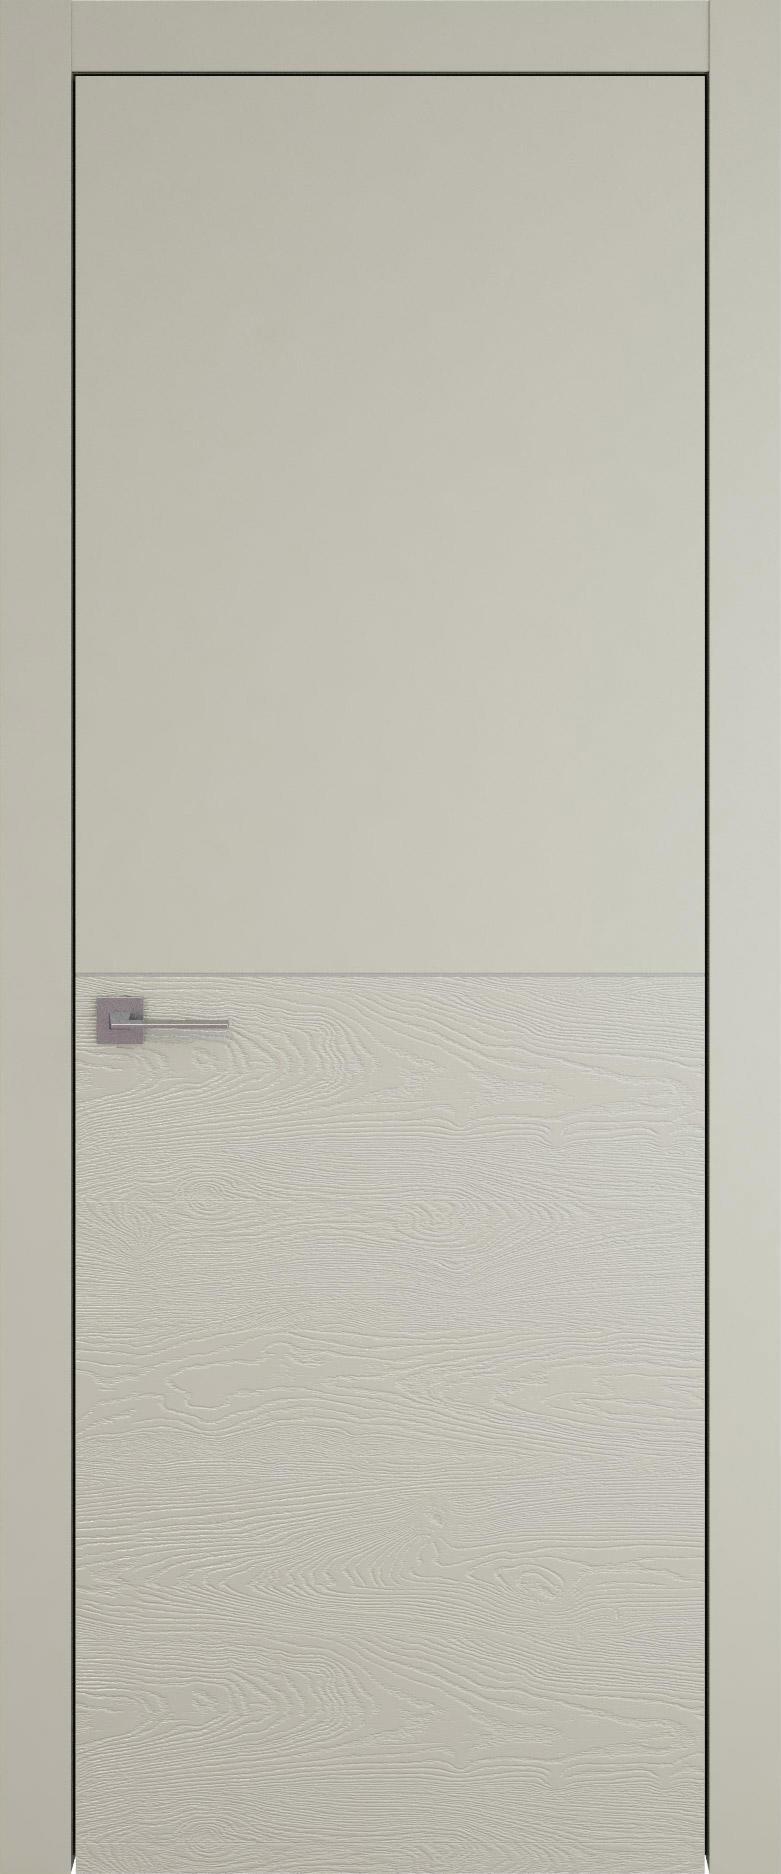 Tivoli Б-2 цвет - Серо-оливковая эмаль-эмаль по шпону (RAL 7032) Без стекла (ДГ)